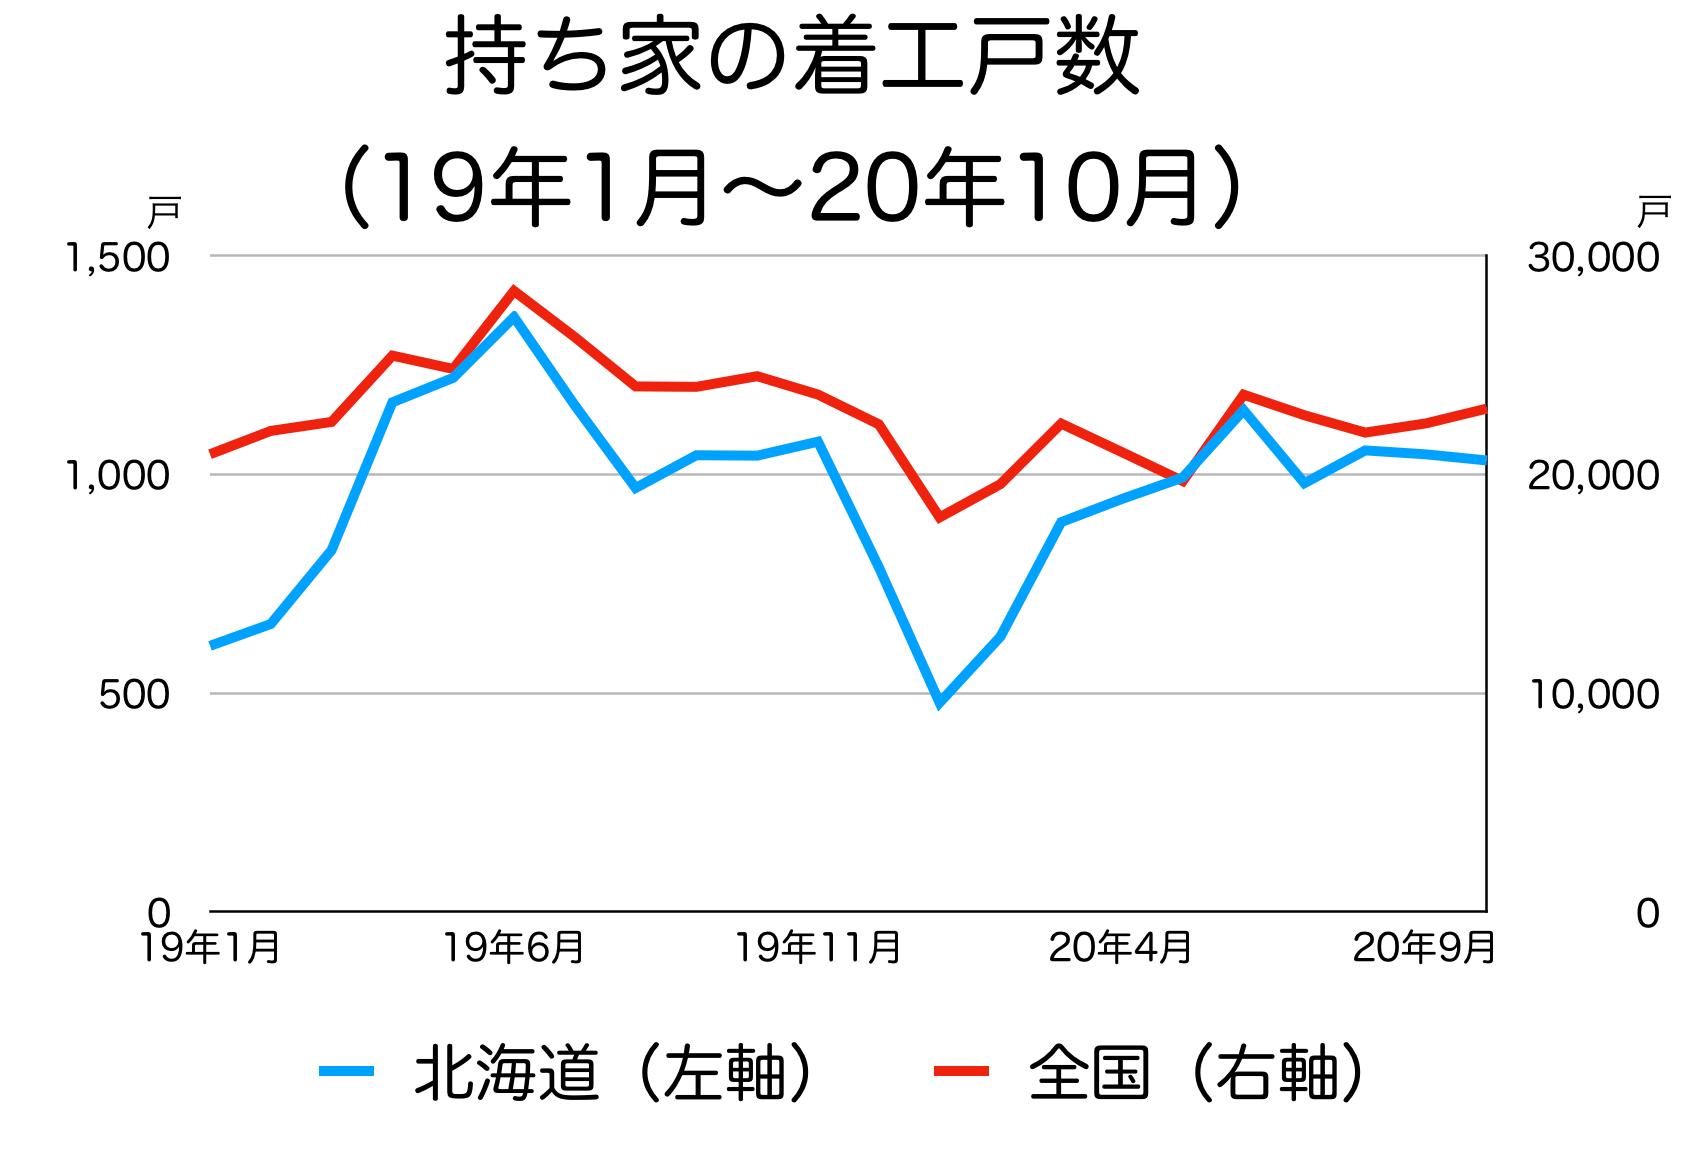 北海道の新築着工統計